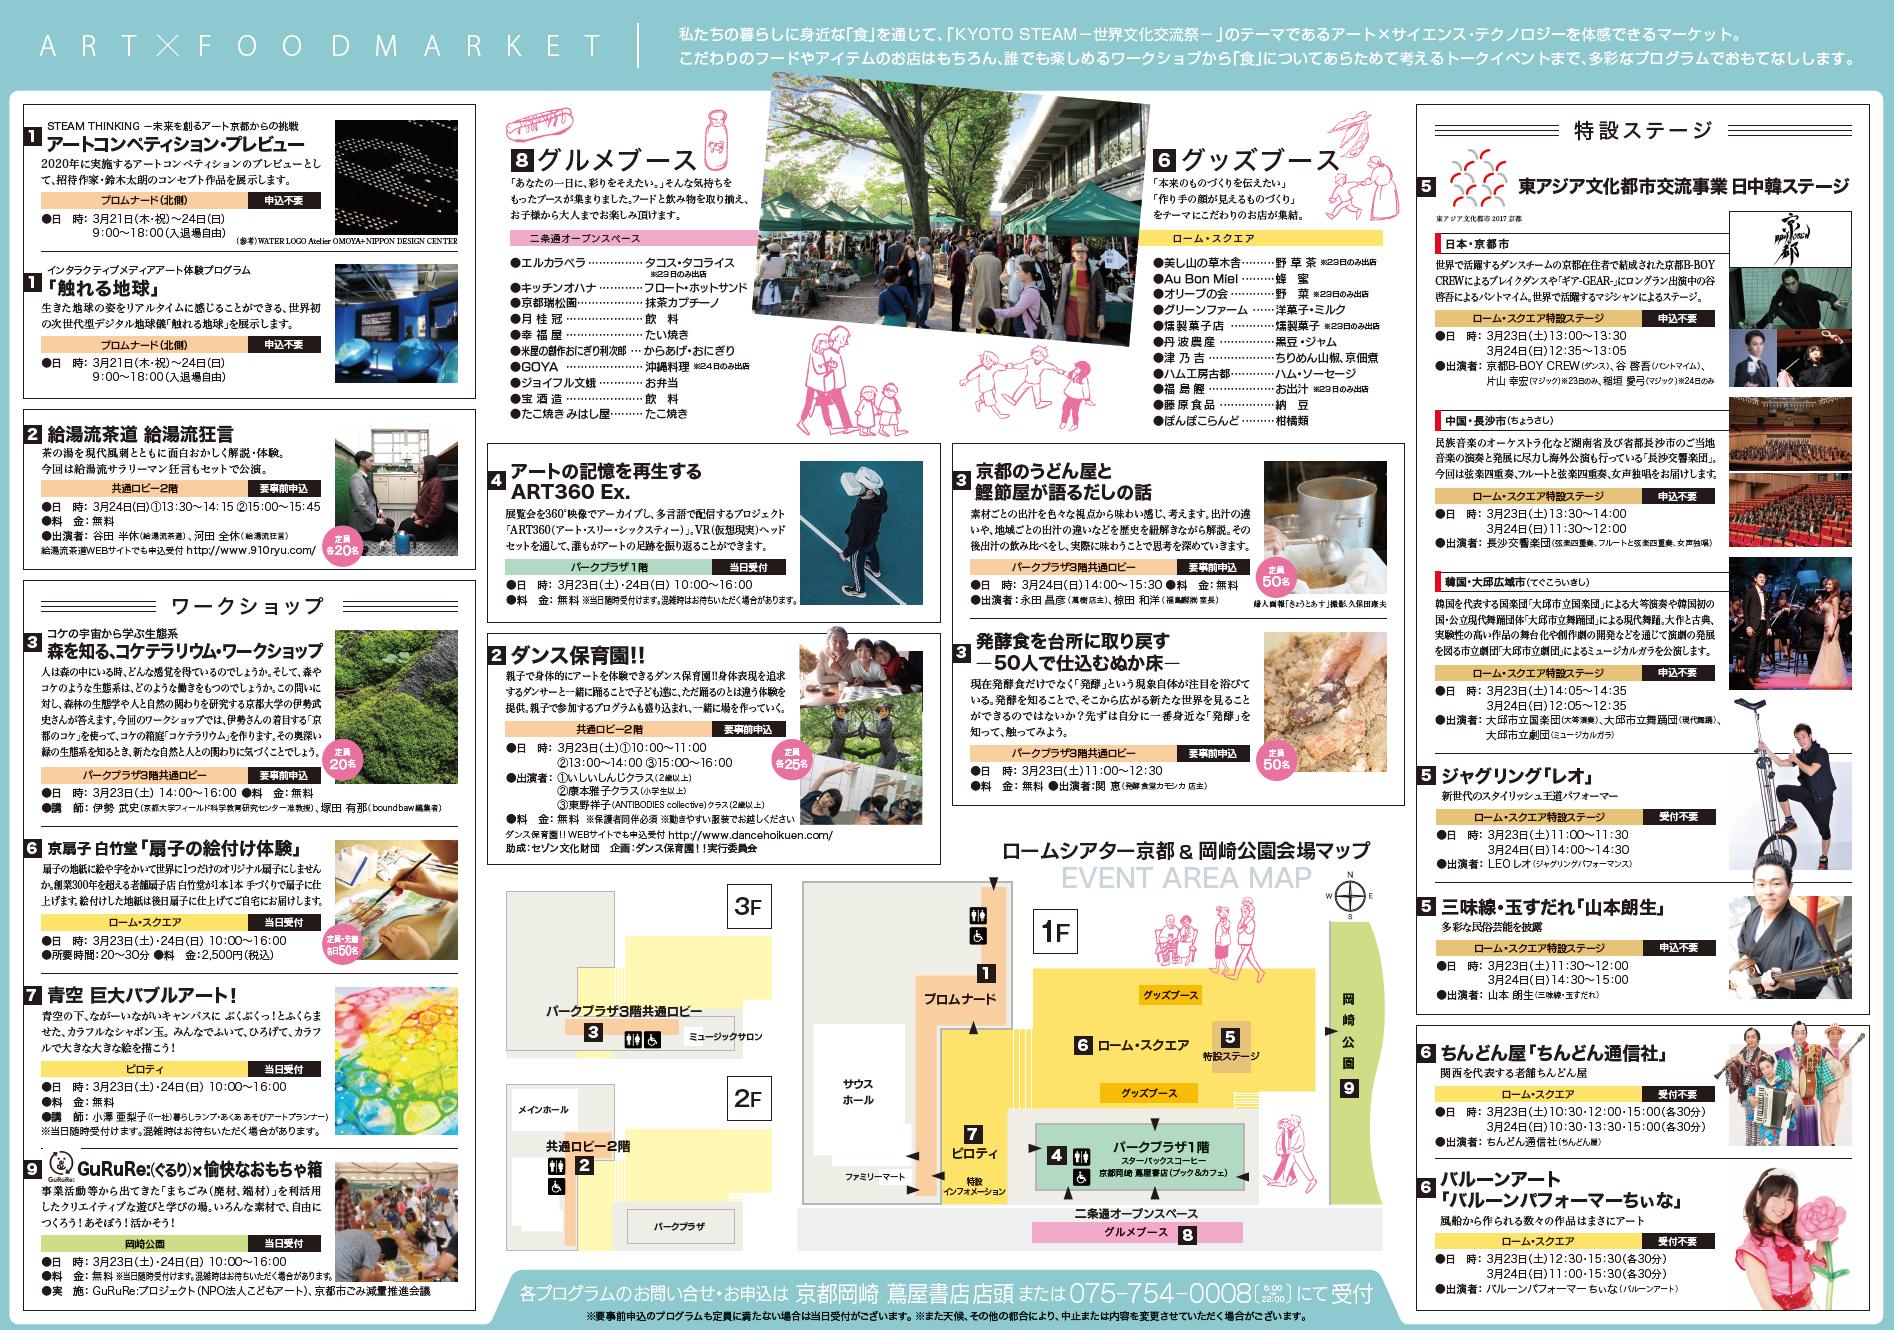 ART・FOODMARKET_プログラム